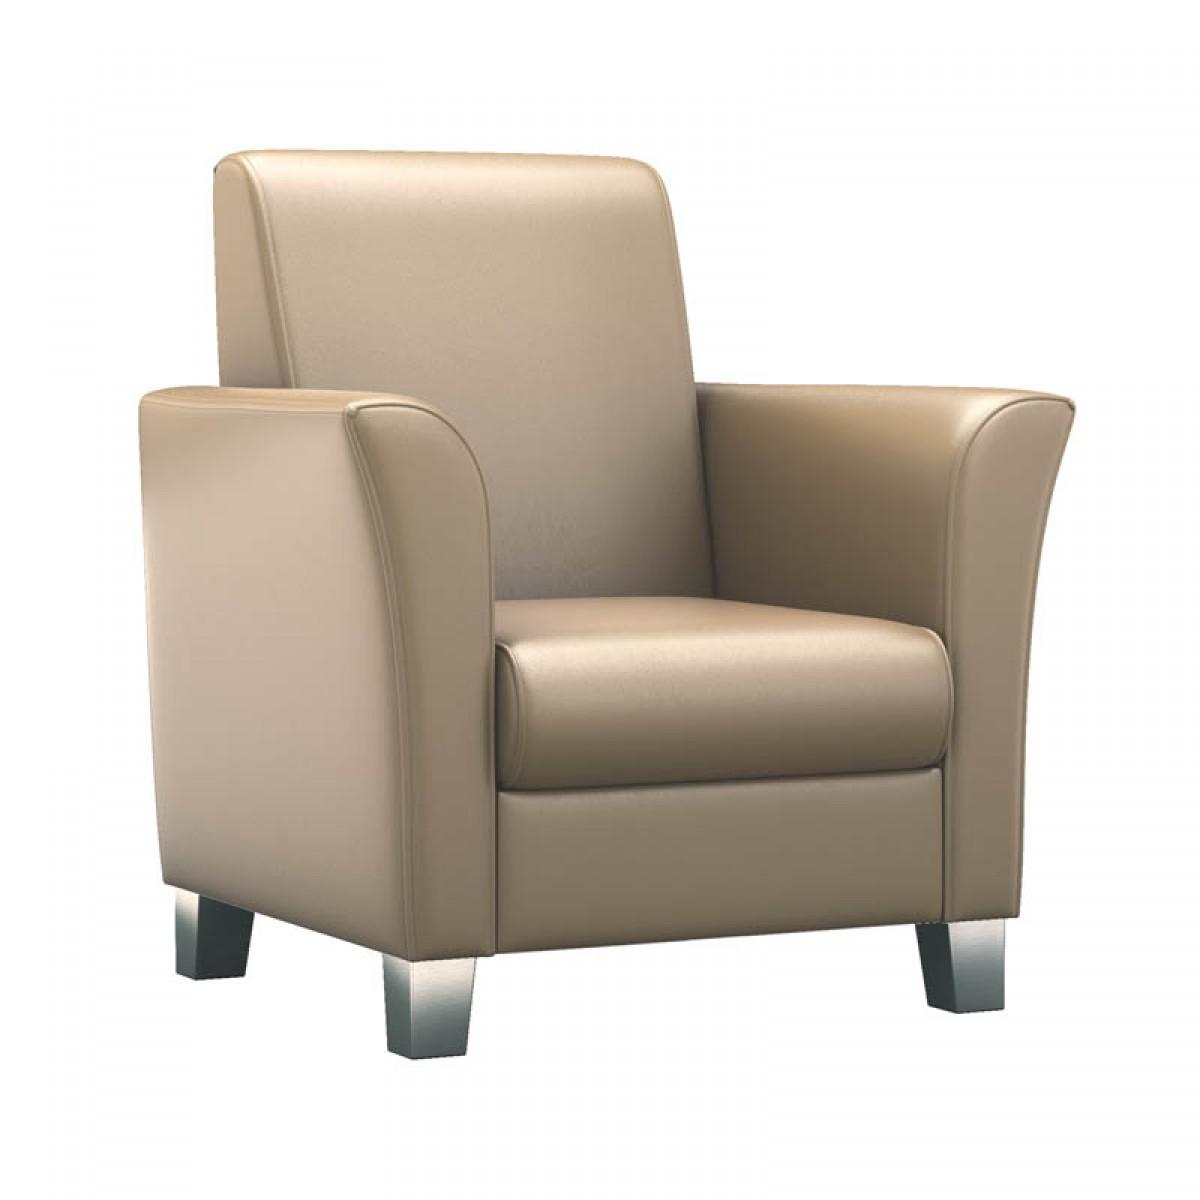 swing lounge und b nke gastronomiem bel und gastronomieeinrichtung ma geschneiderte modelle. Black Bedroom Furniture Sets. Home Design Ideas